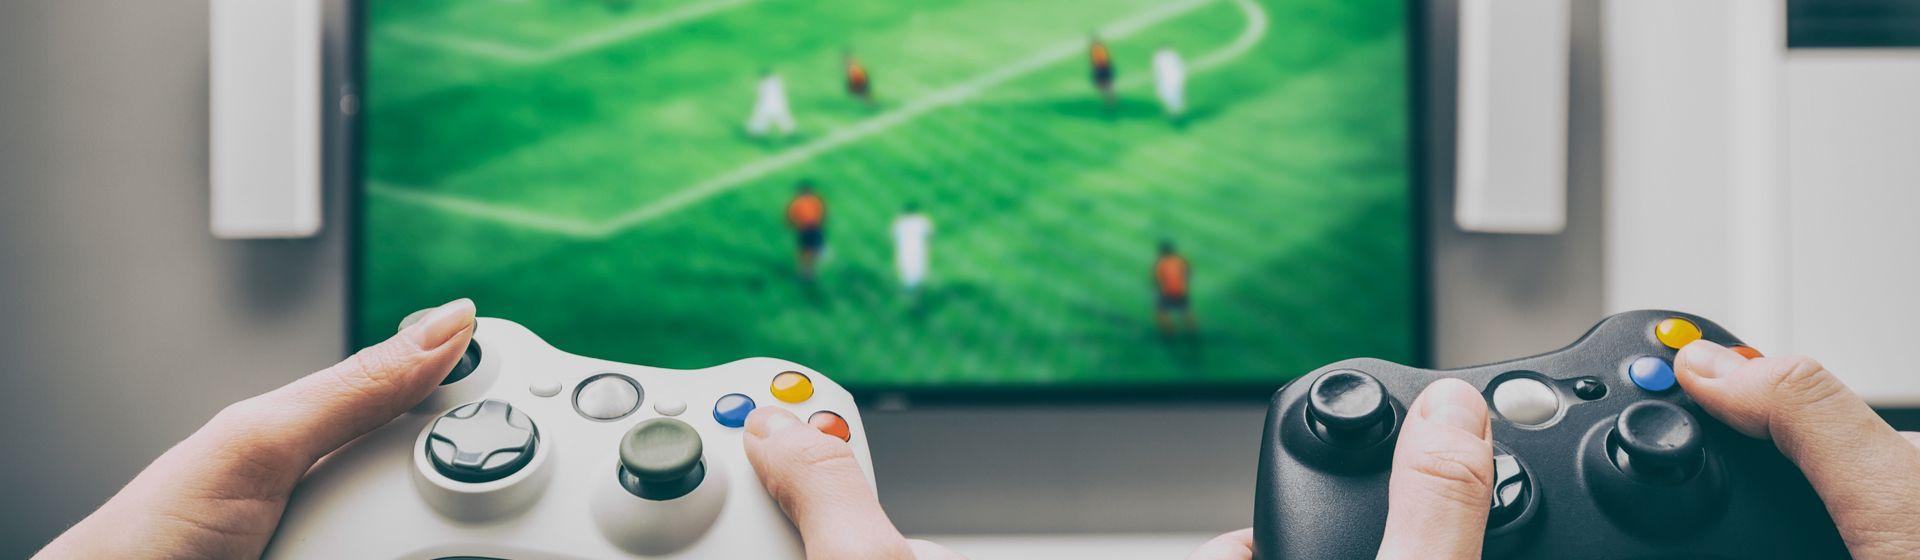 Melhor TV para games em 2020: confira 5 opções para comprar